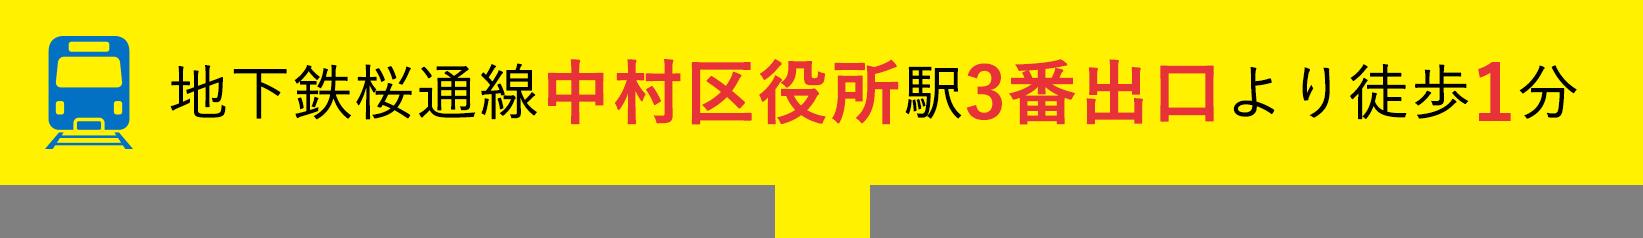 地下鉄桜通線 中村区役所駅より徒歩1分